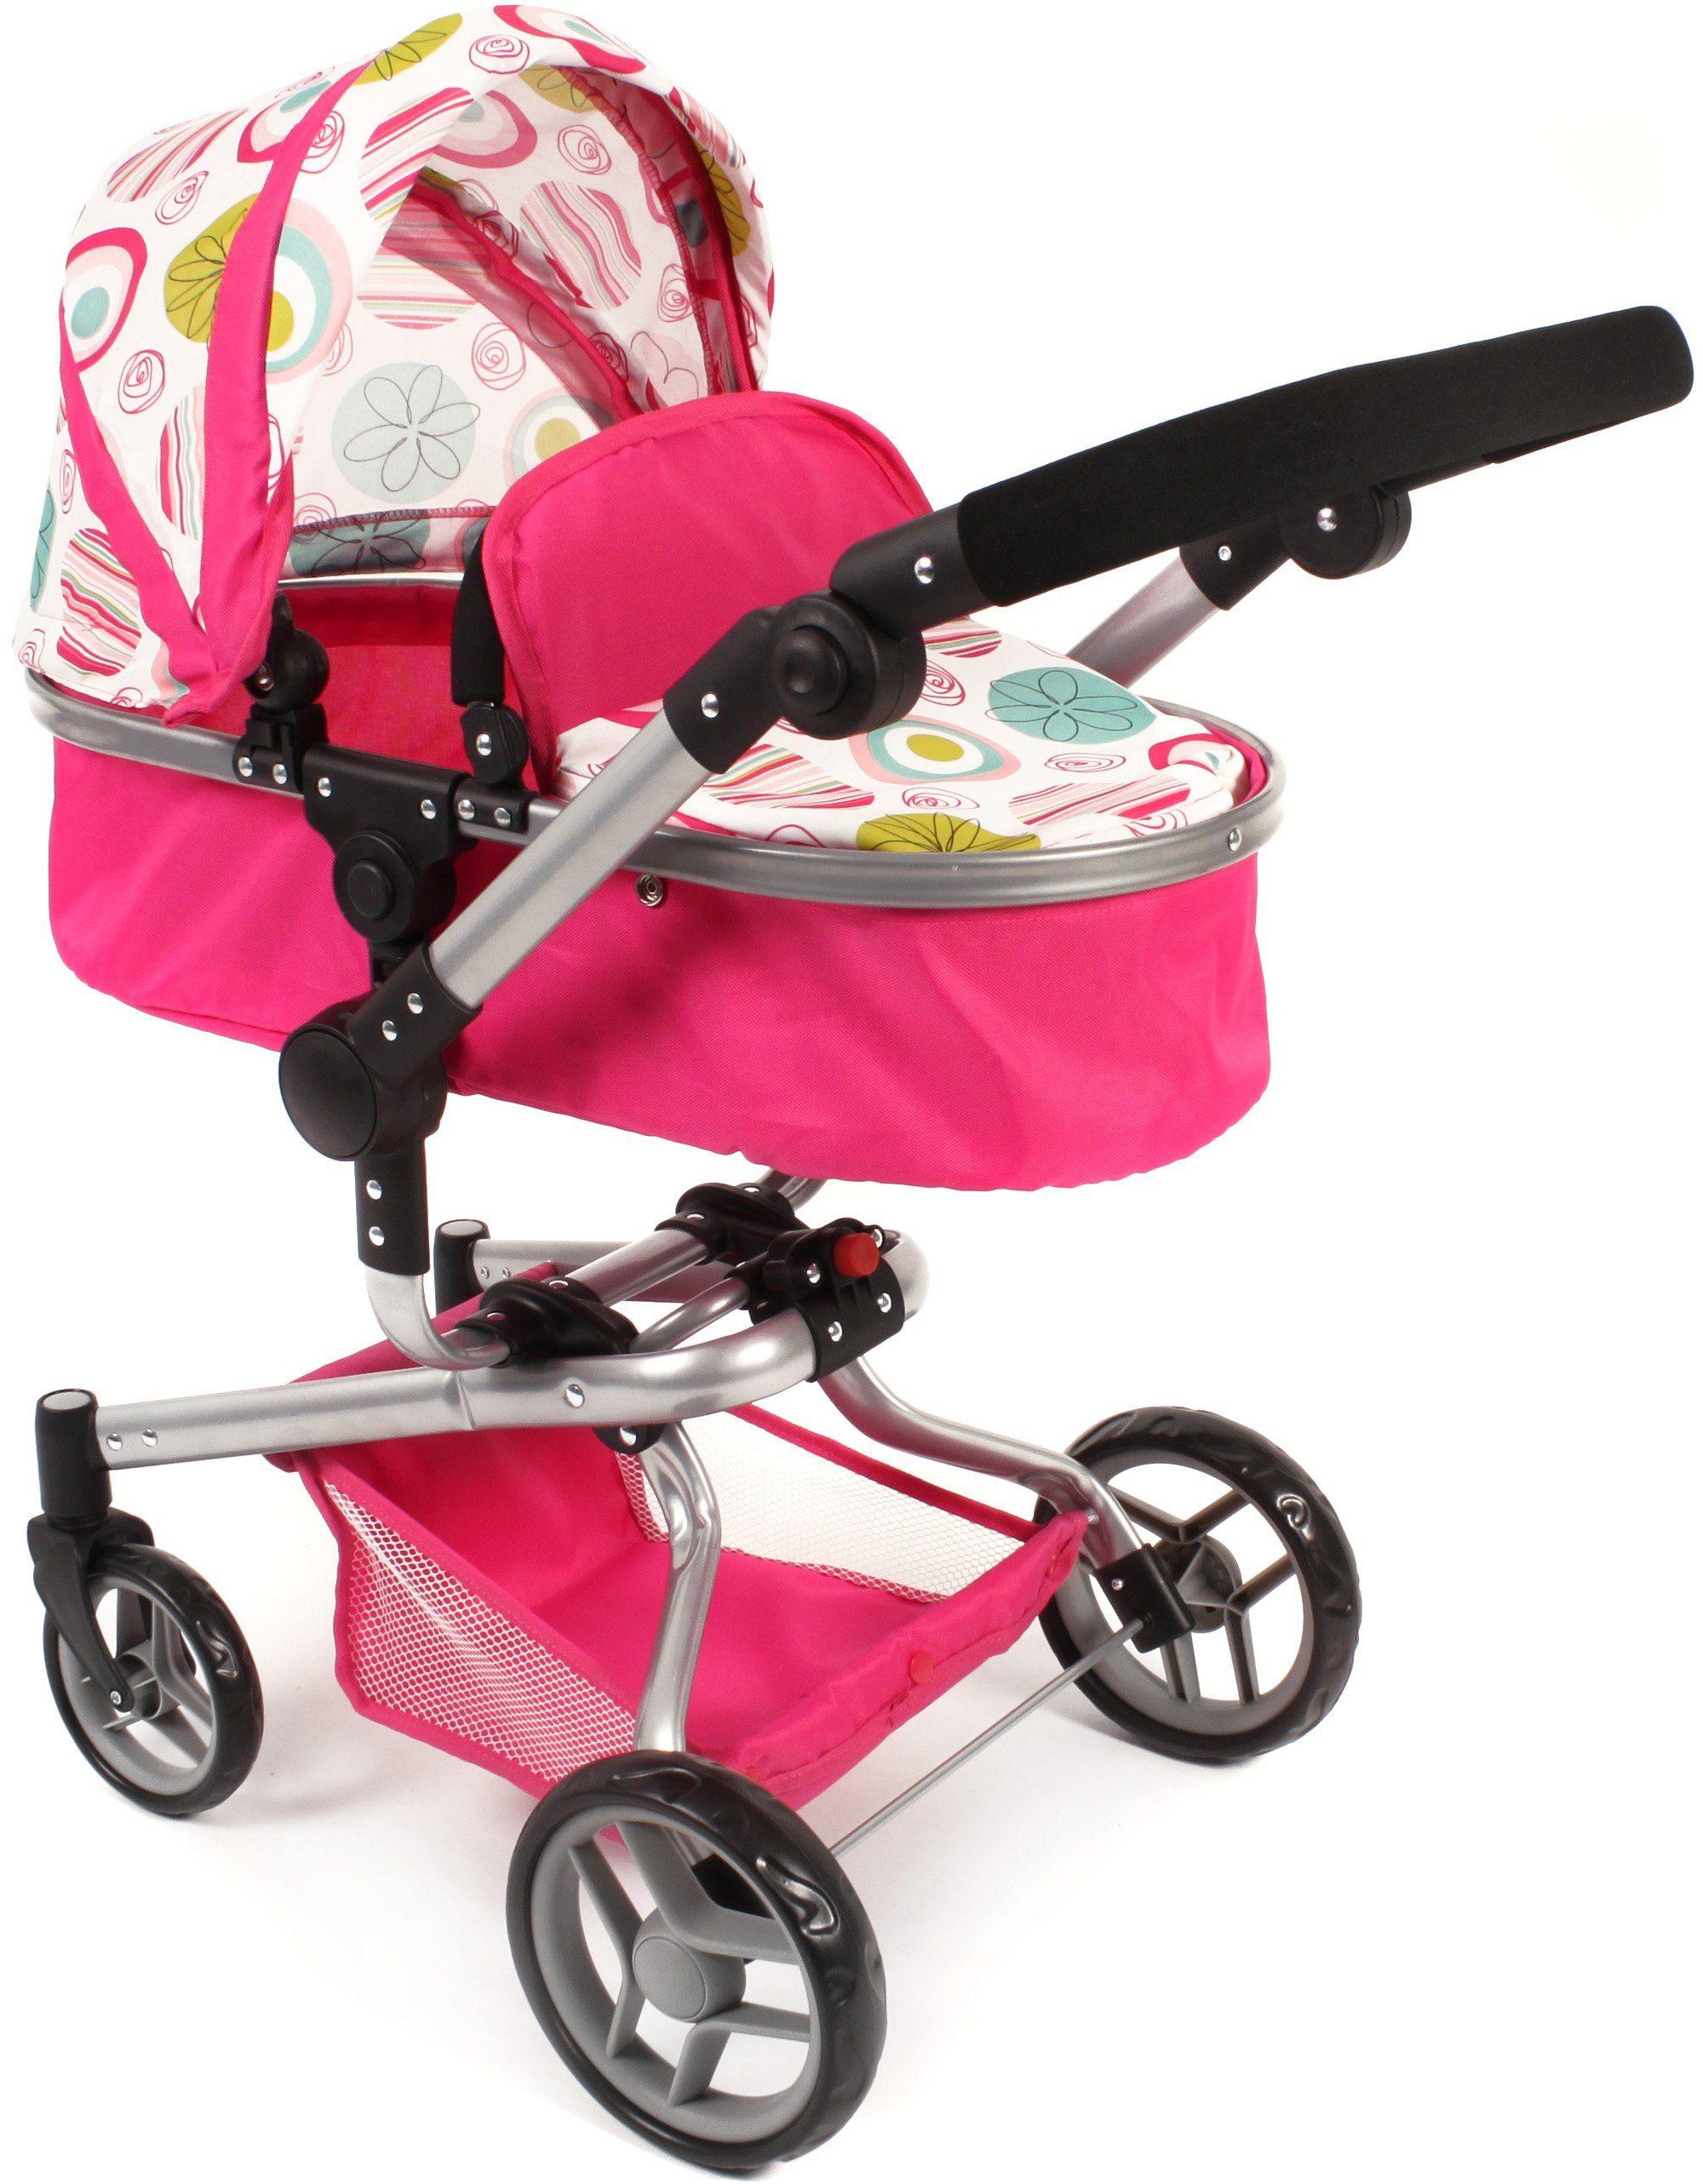 CHIC2000 Kombi Puppenwagen mit schwenkbaren Vorderrädern, »YOLO Weiß-Pink«